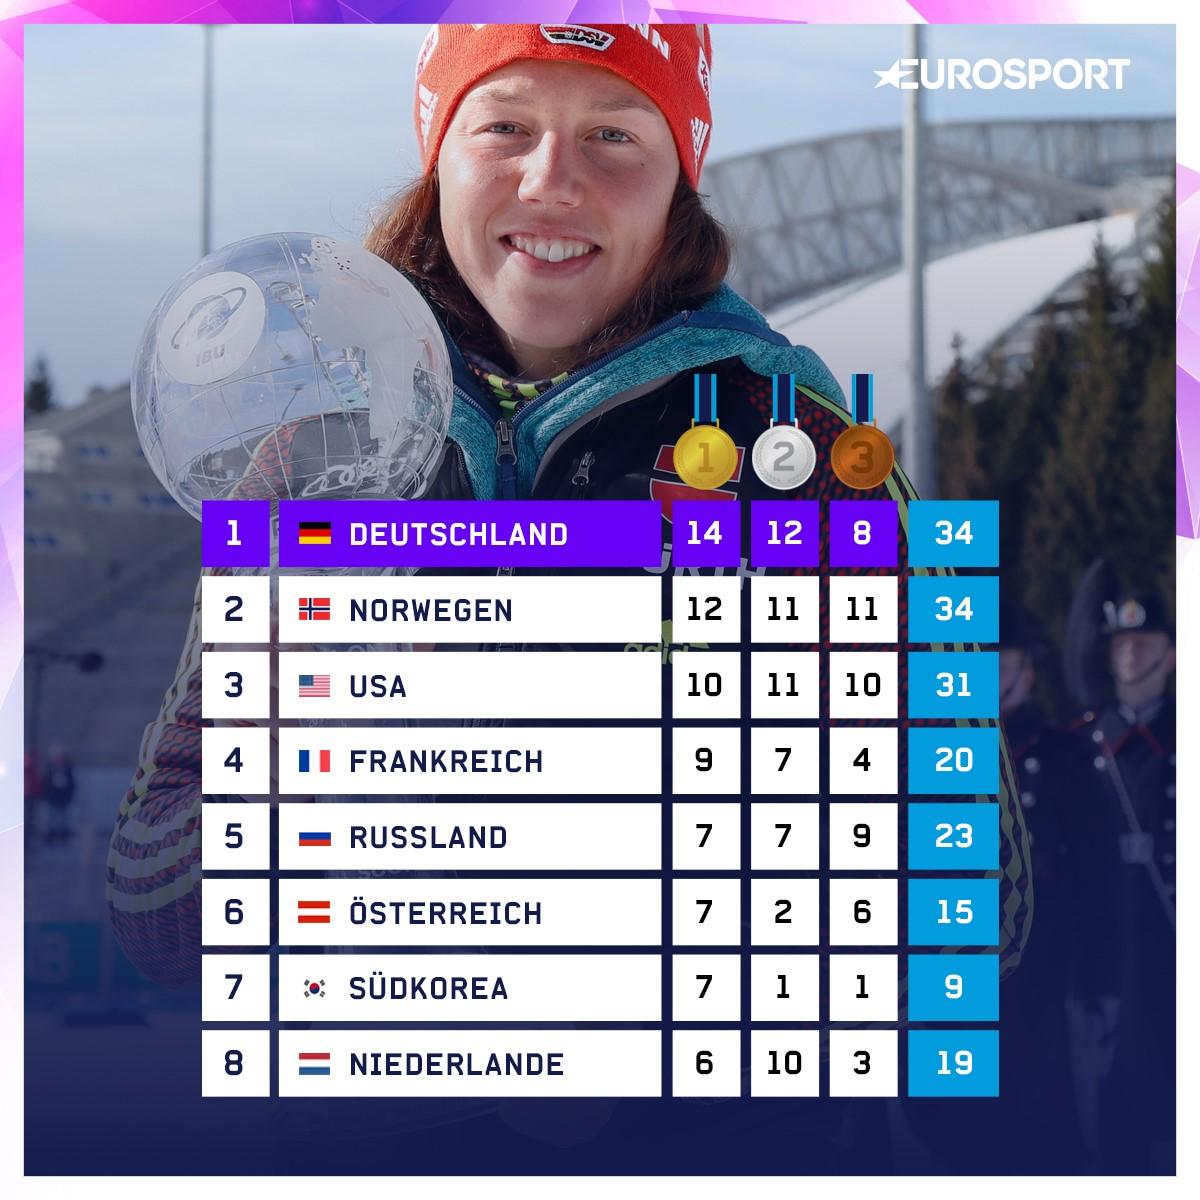 biathlon team norwegen